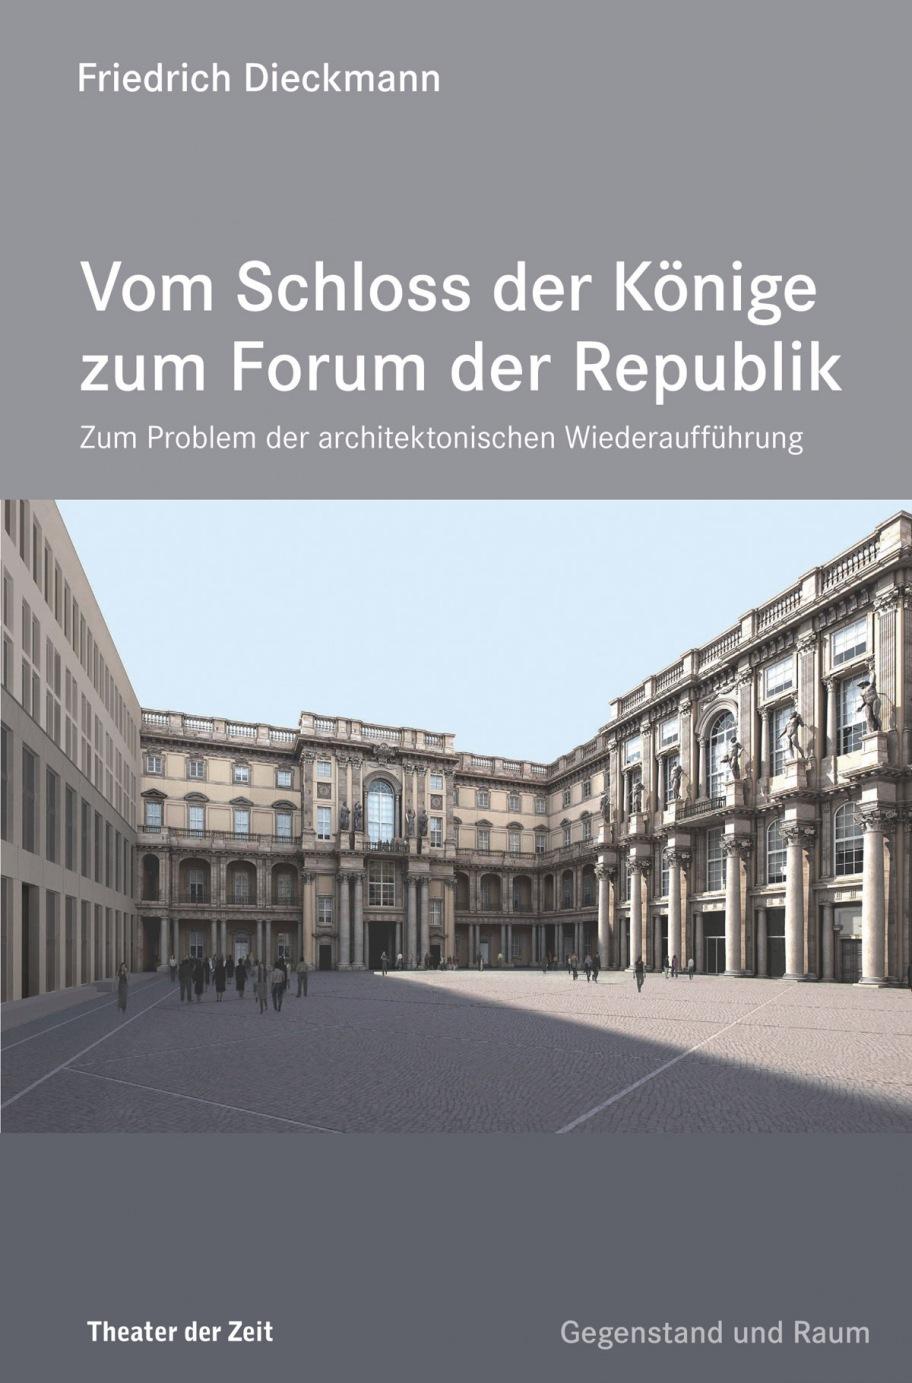 Friedrich Dieckmann: Vom Schloss der Könige zum Forum der Republik